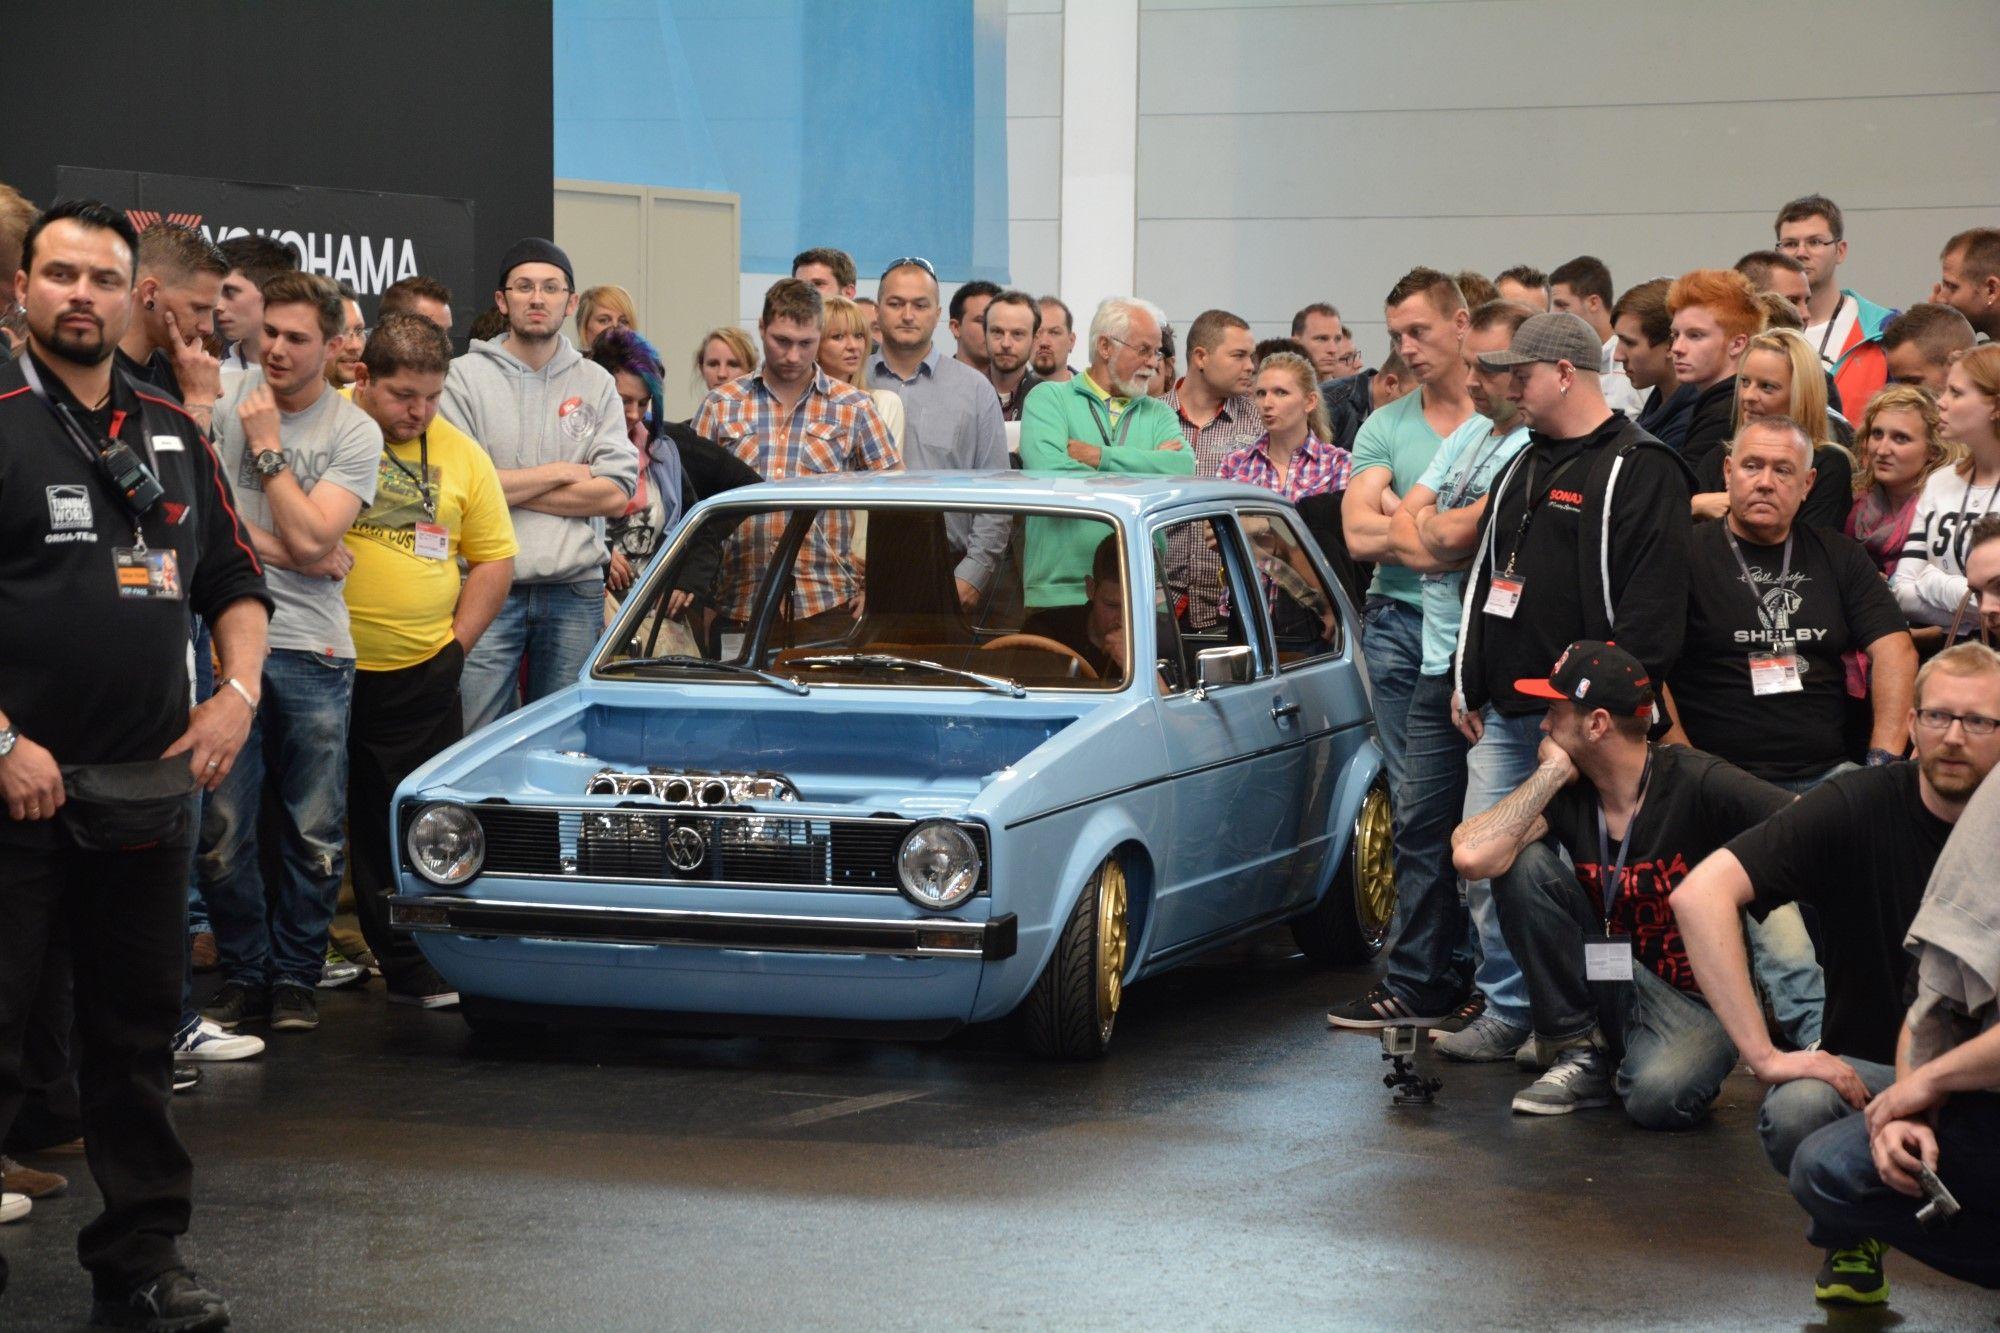 VW Golf Mk1: Der geilste Motorraum der Szene!  http://www.autotuning.de/vw-golf-mk1-der-geilste-motorraum-der-szene/ ETS, ETS 2014, Golf, Mk1, TuningWorld, Volkswagen, VW, VW Golf 1